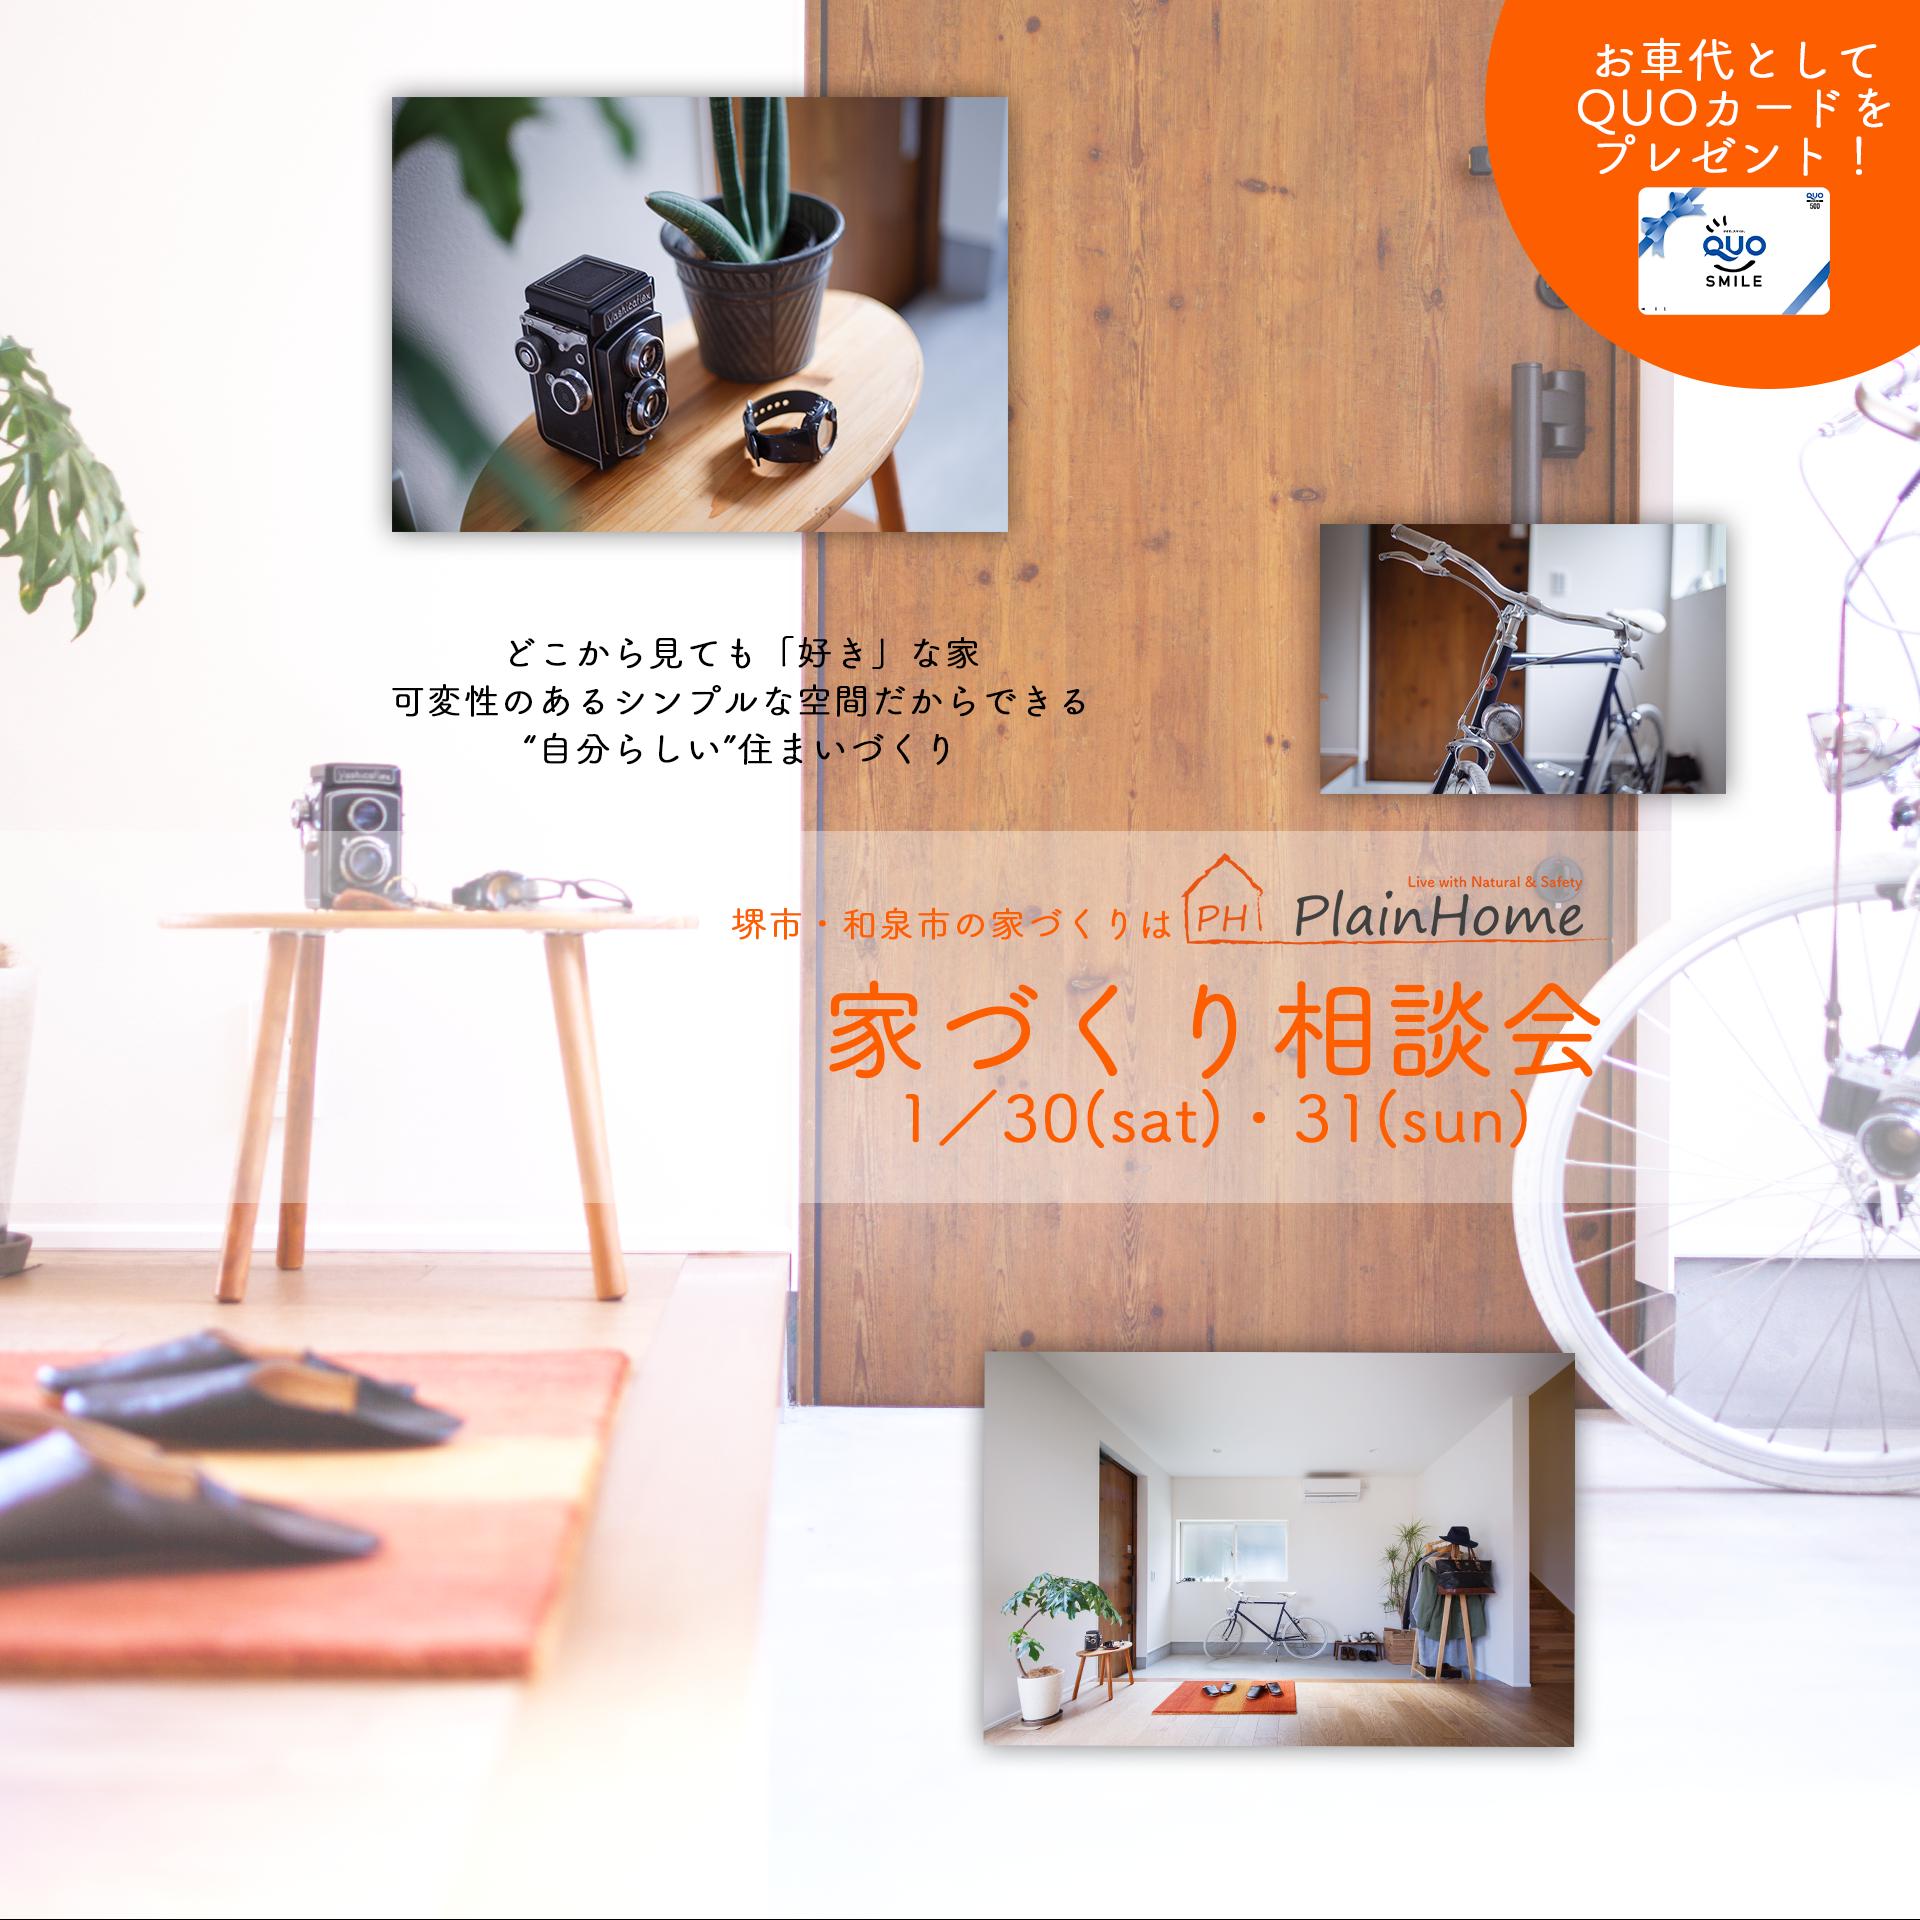 【1月30・31日】プレインホームの家づくり相談会